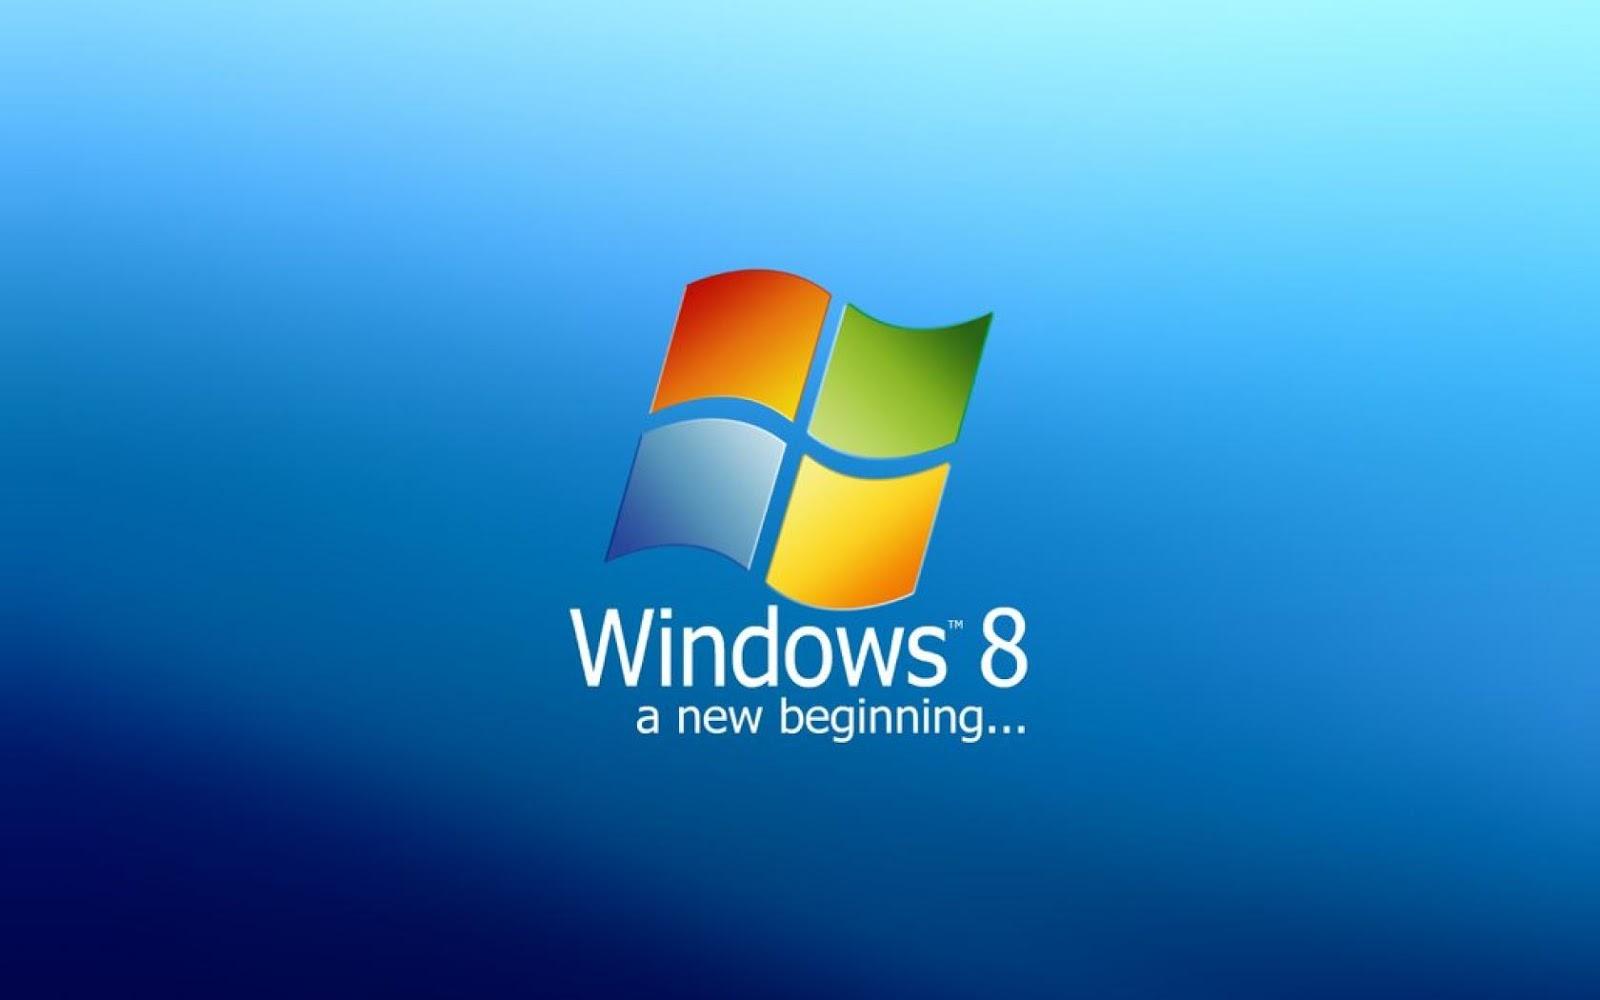 windows 8 3 d - photo #14